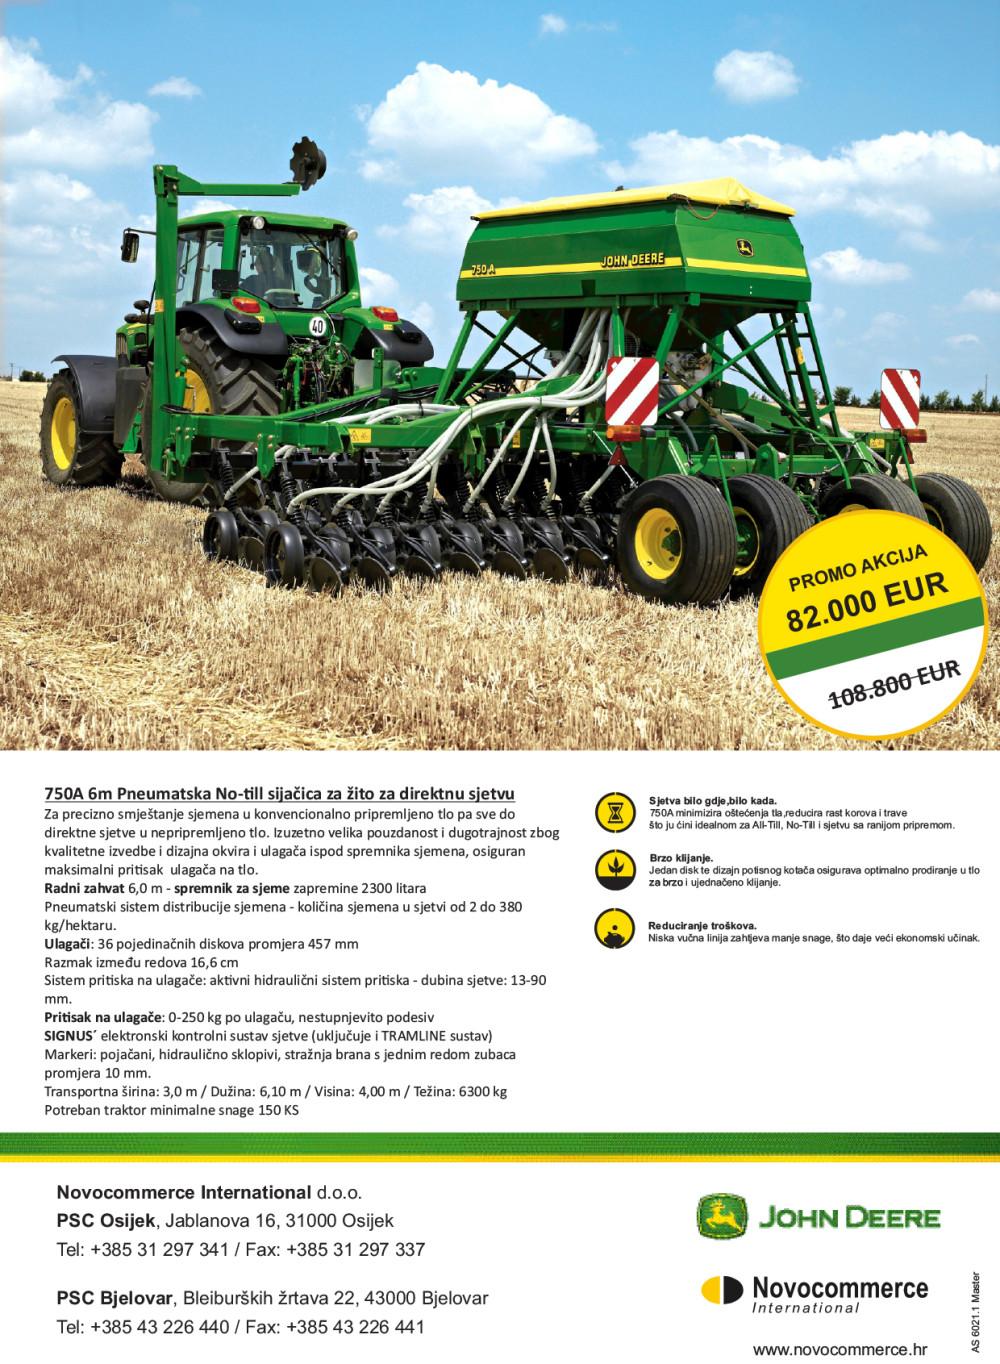 Pneumatska sijačica za žito No-till 750A 6m